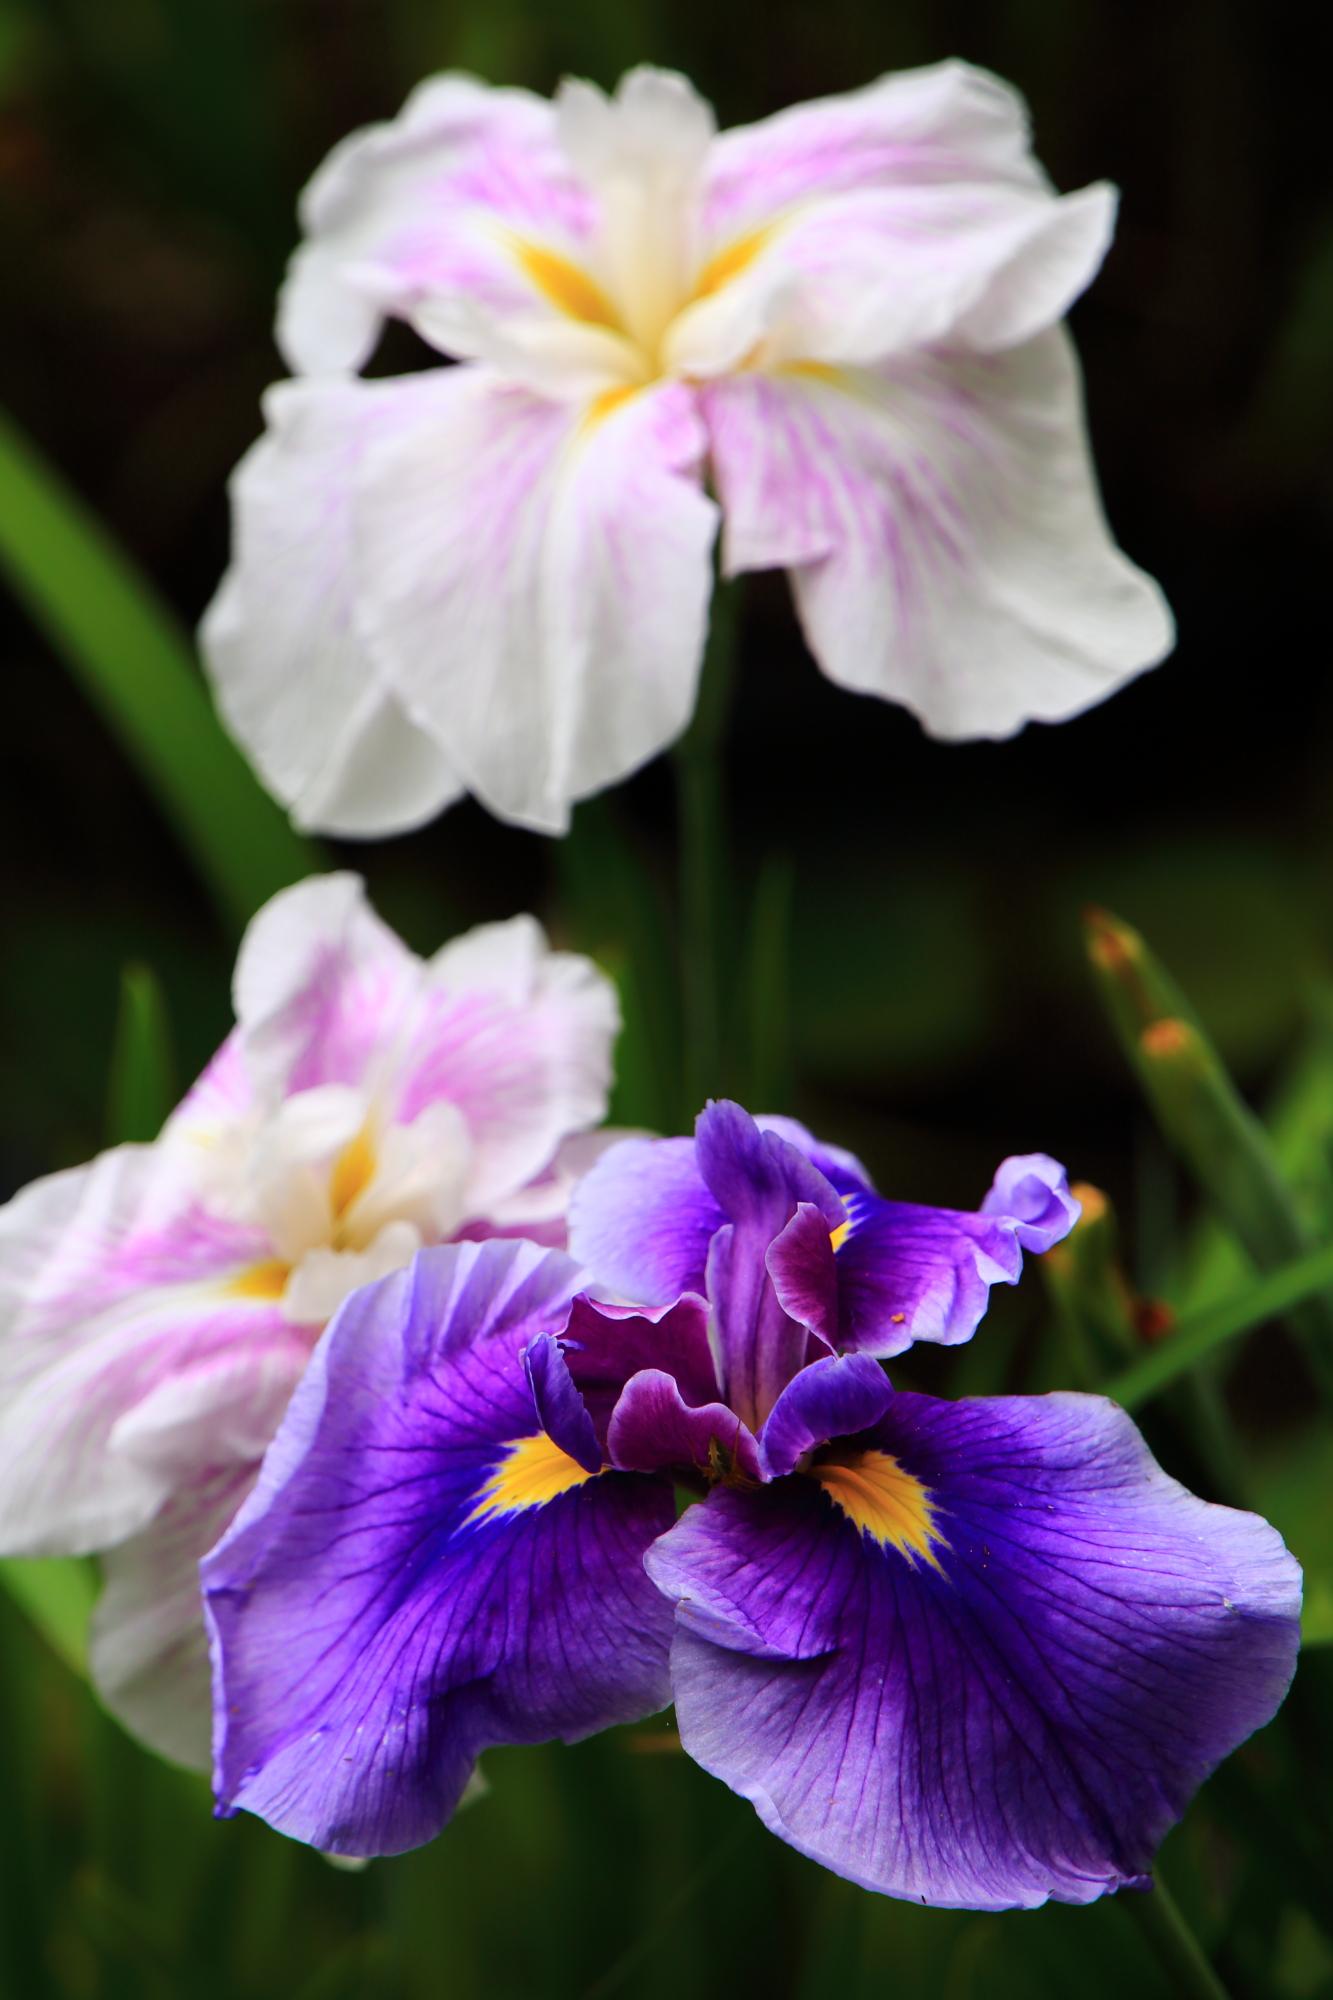 溢れんばかりに咲き誇る自然の芸術作品の花菖蒲